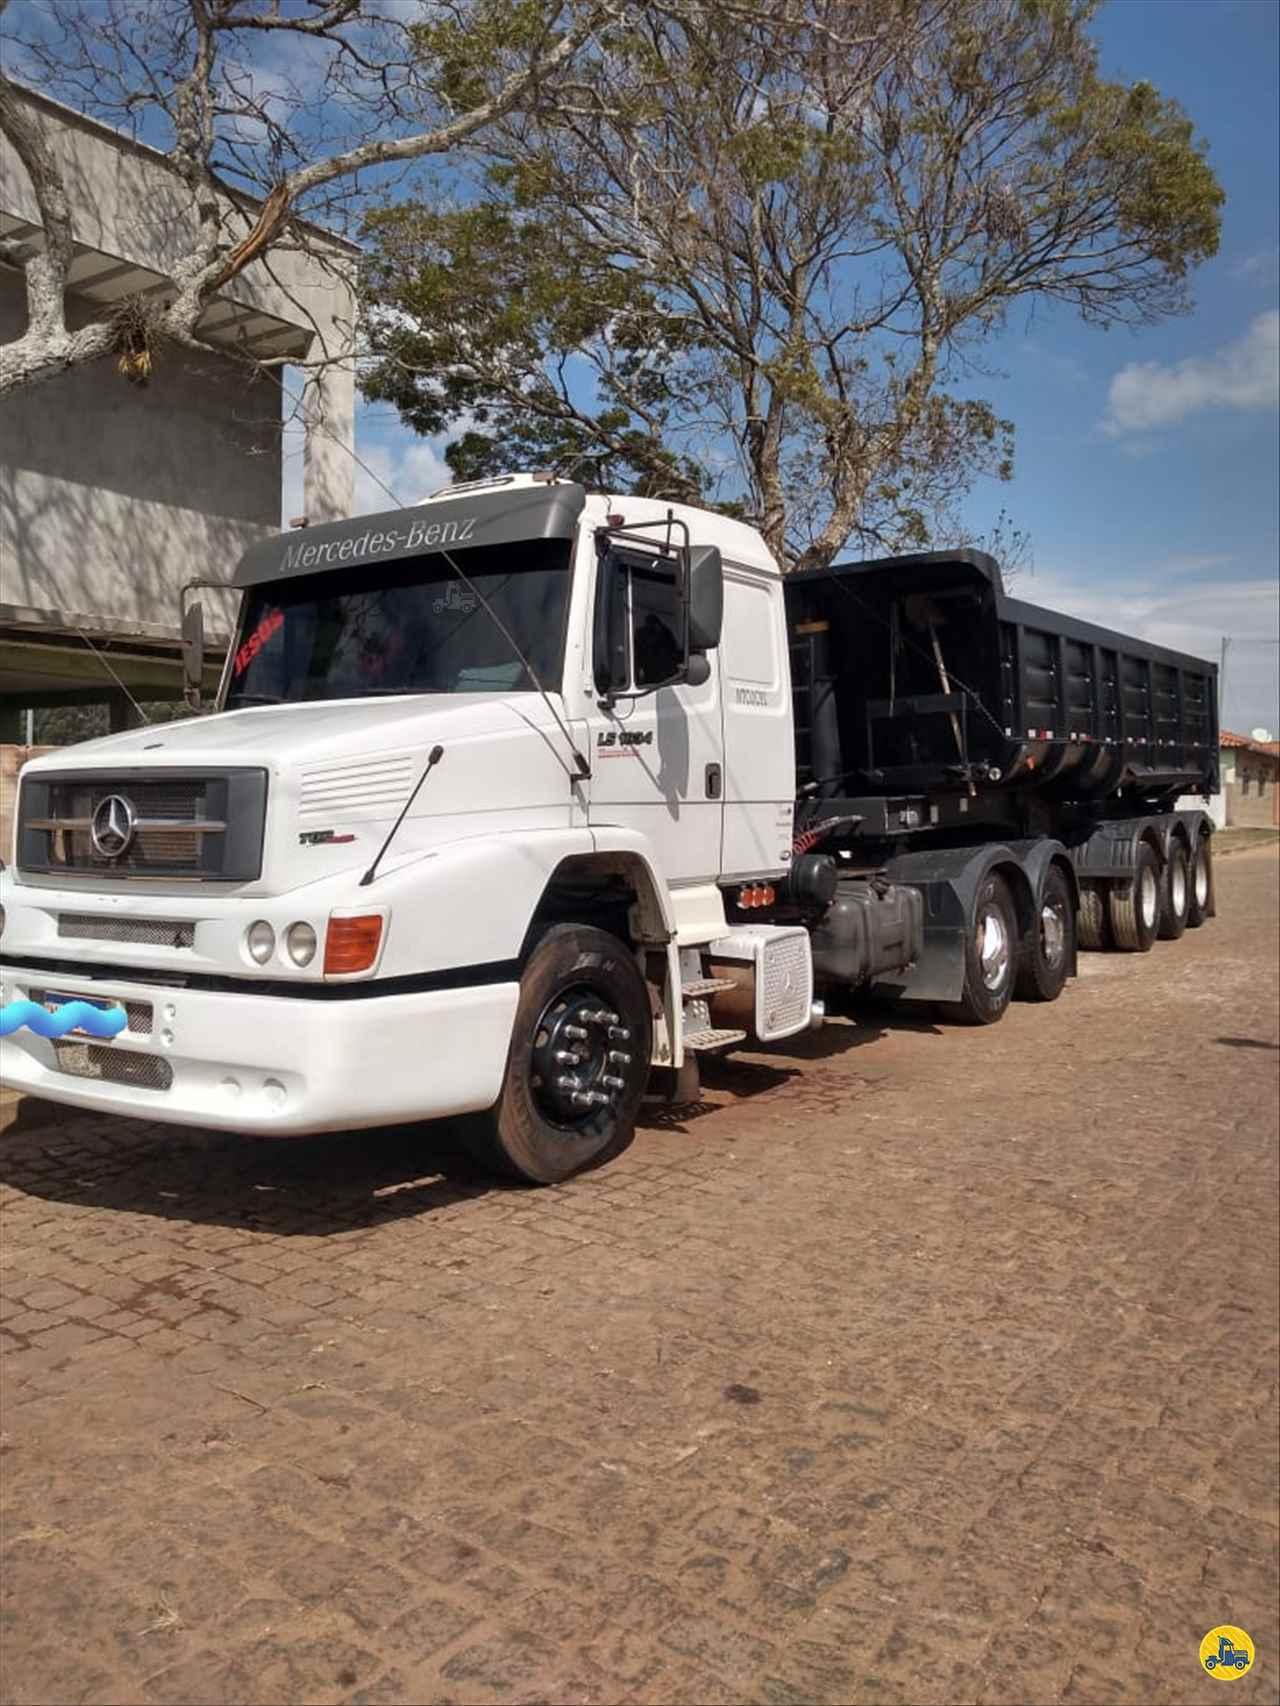 MB 1634 de Caminhões Certos - CONTAGEM/MG